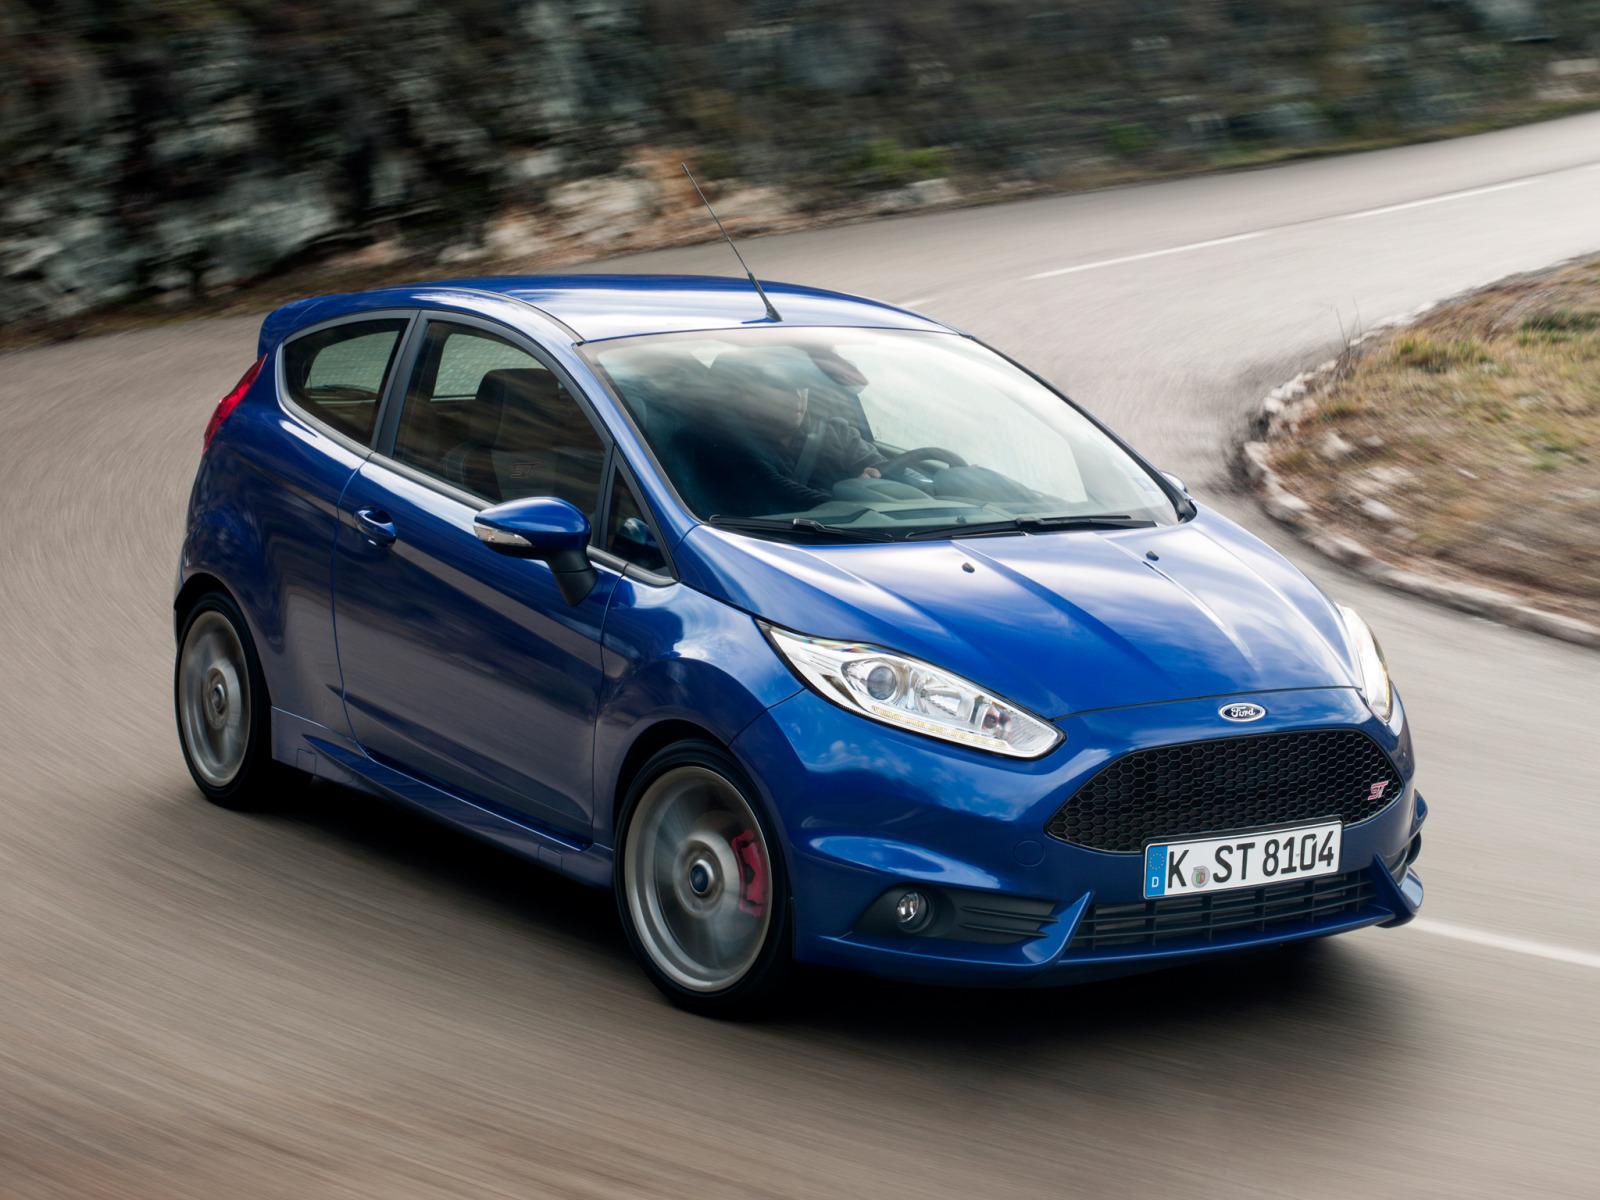 El Ford Fiesta ST ya está a la venta por 21.750 euros